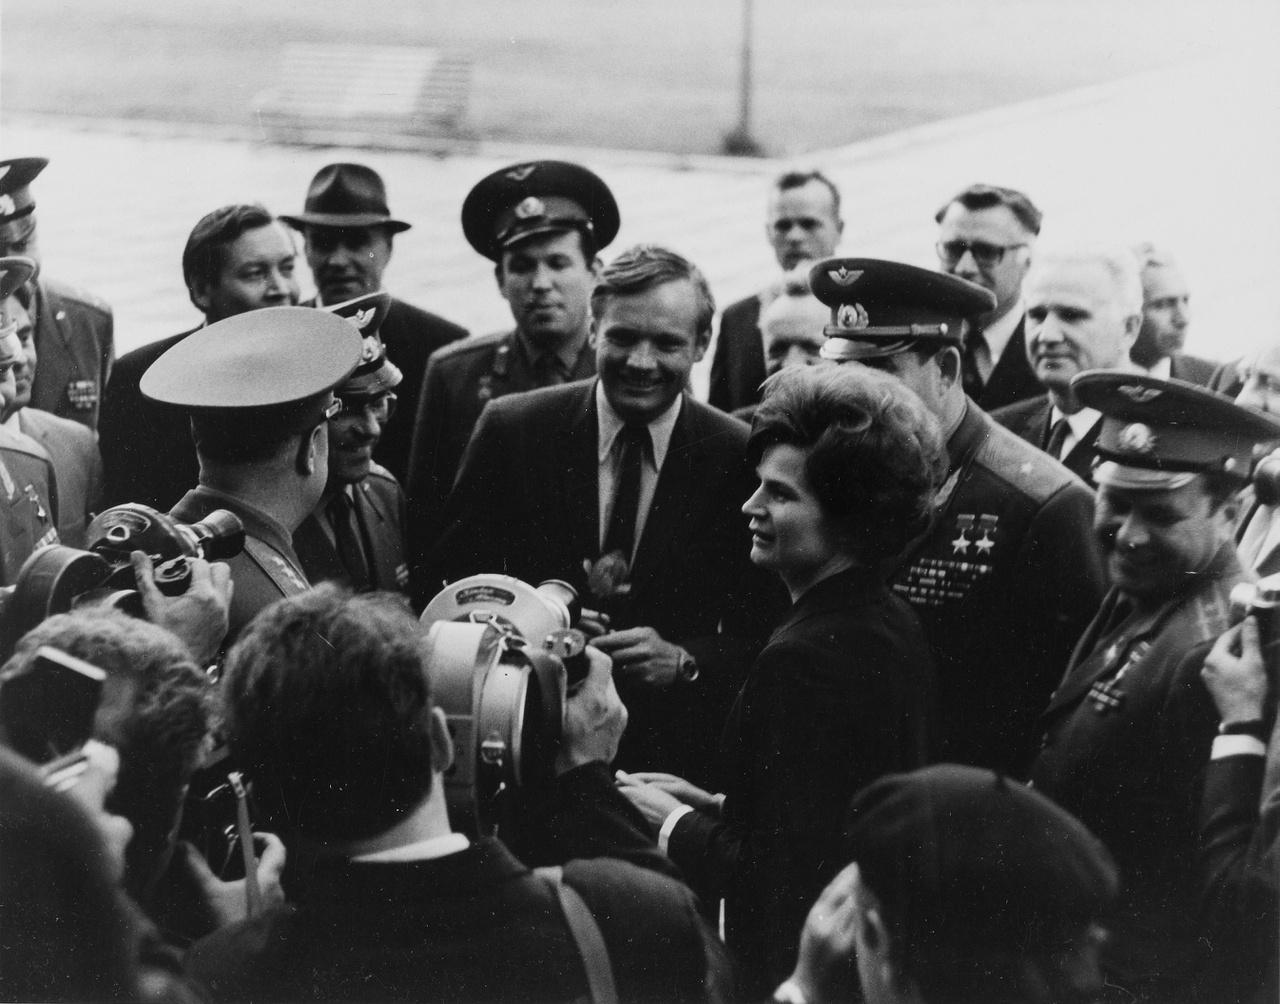 Armstrong és Tyereskova riporterek gyűrűjében.